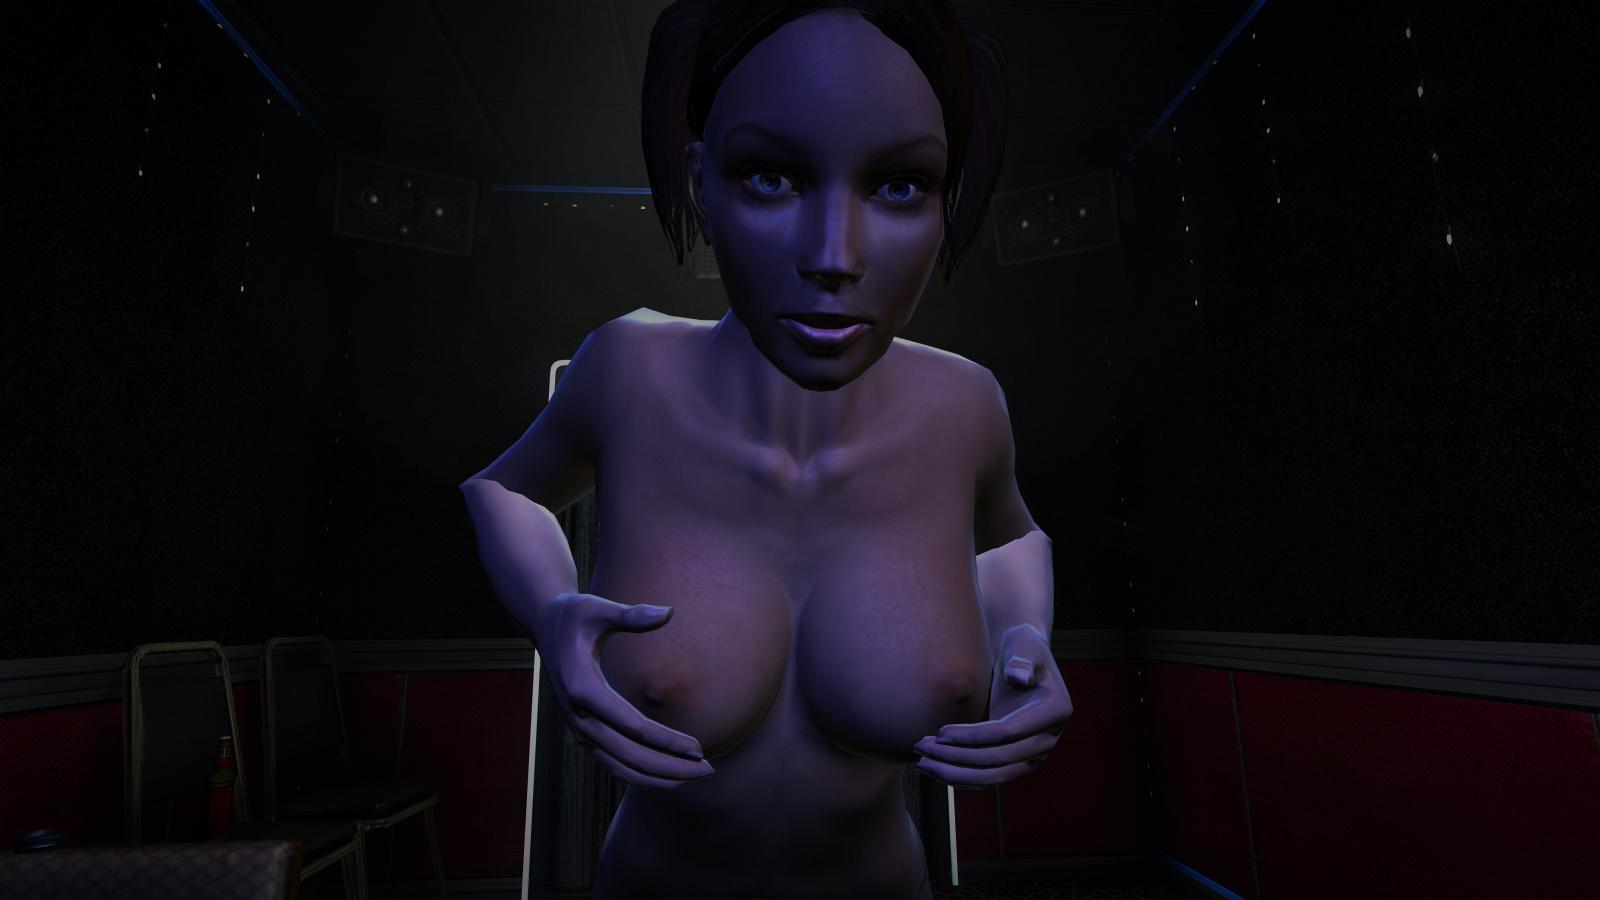 Duke nukem porn gif adult pic